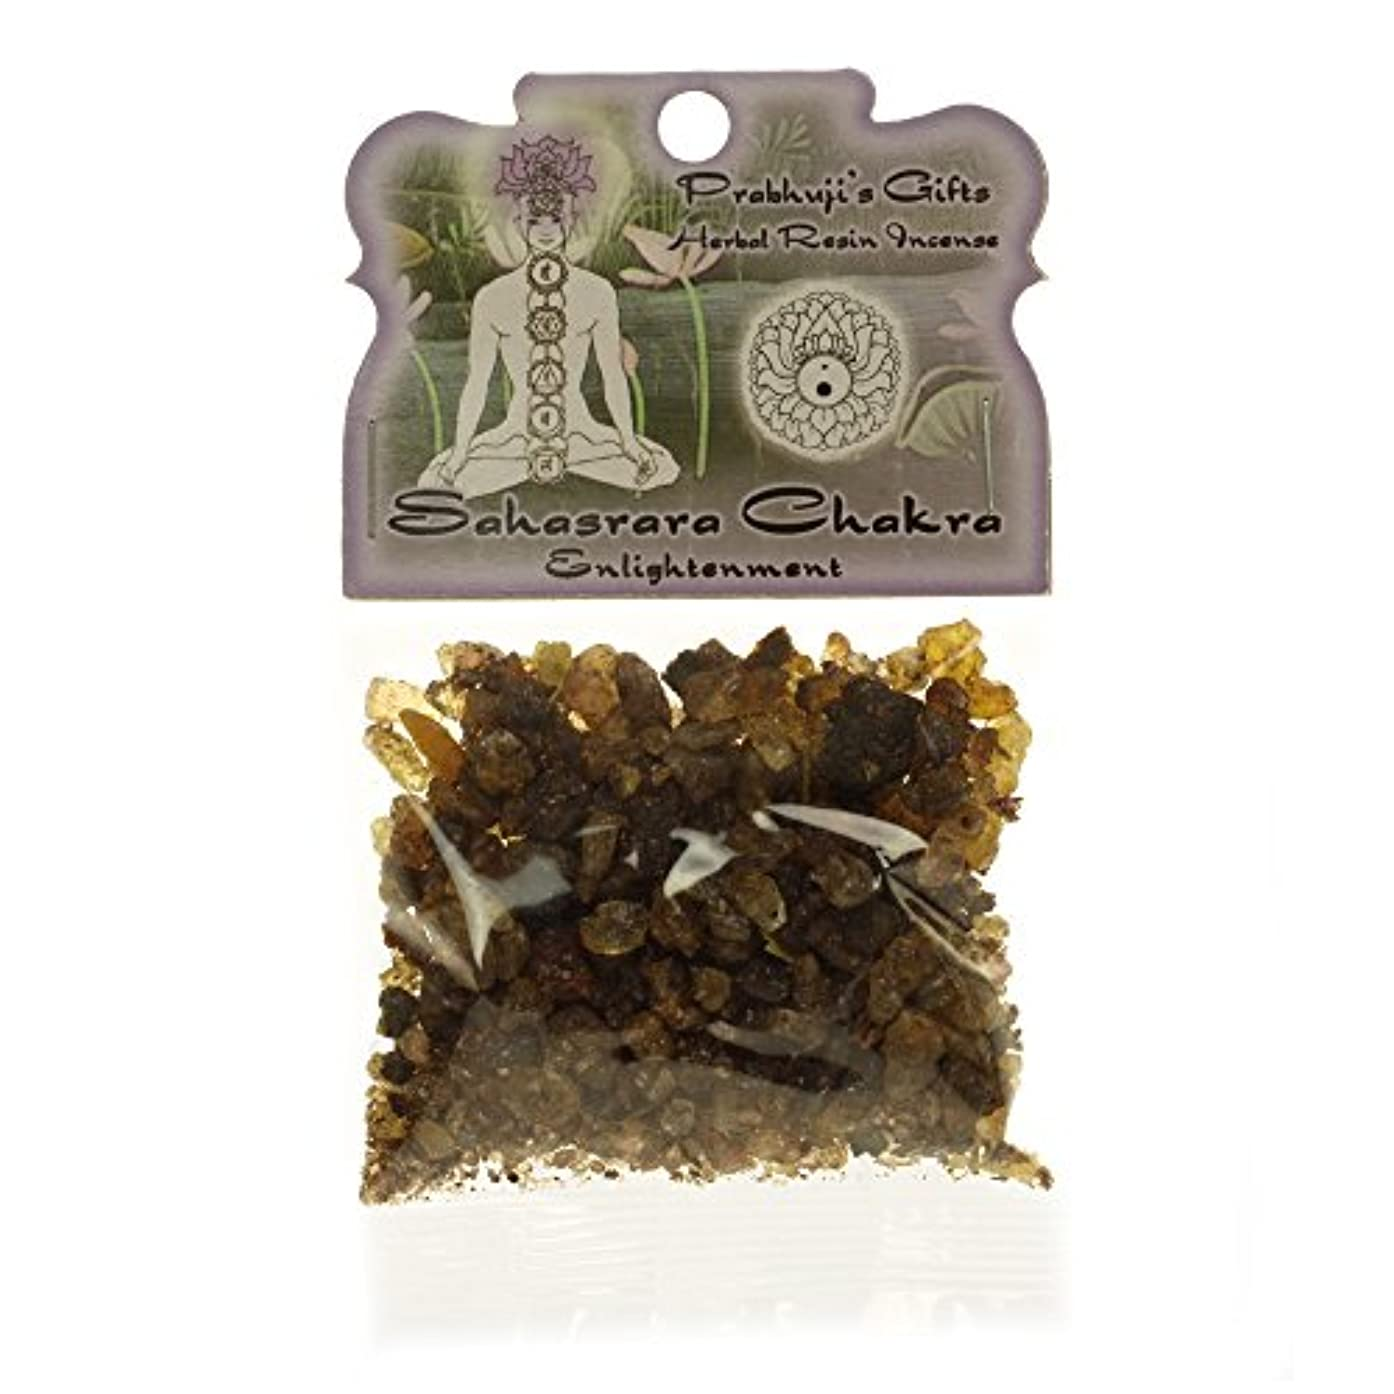 部分内部郵便局樹脂Incense Crown Chakra Sahasrara – Enlightenment – 1.2ozバッグ